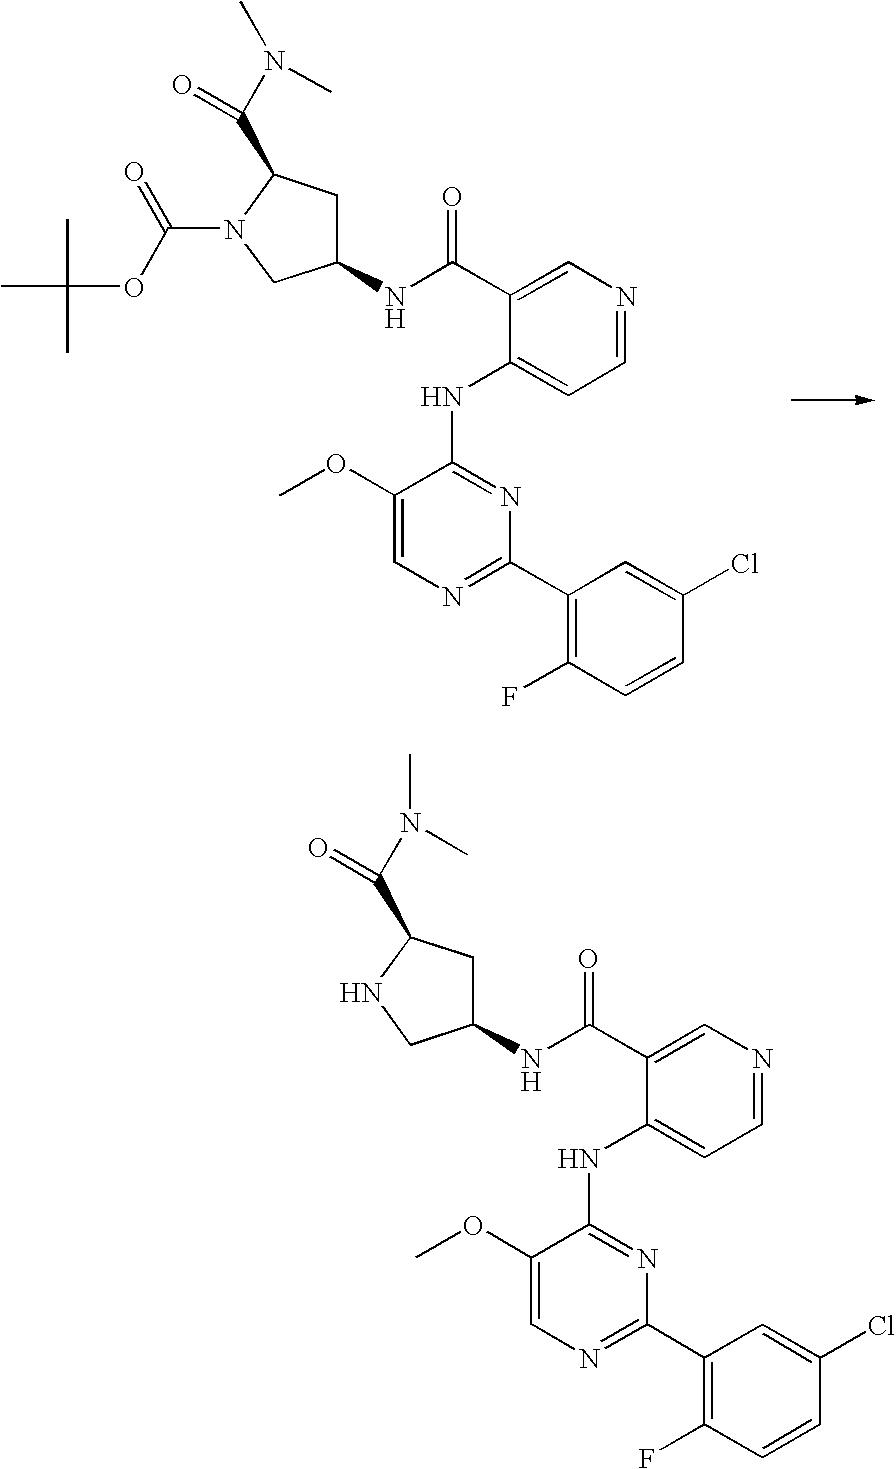 Figure US20060281763A1-20061214-C00050